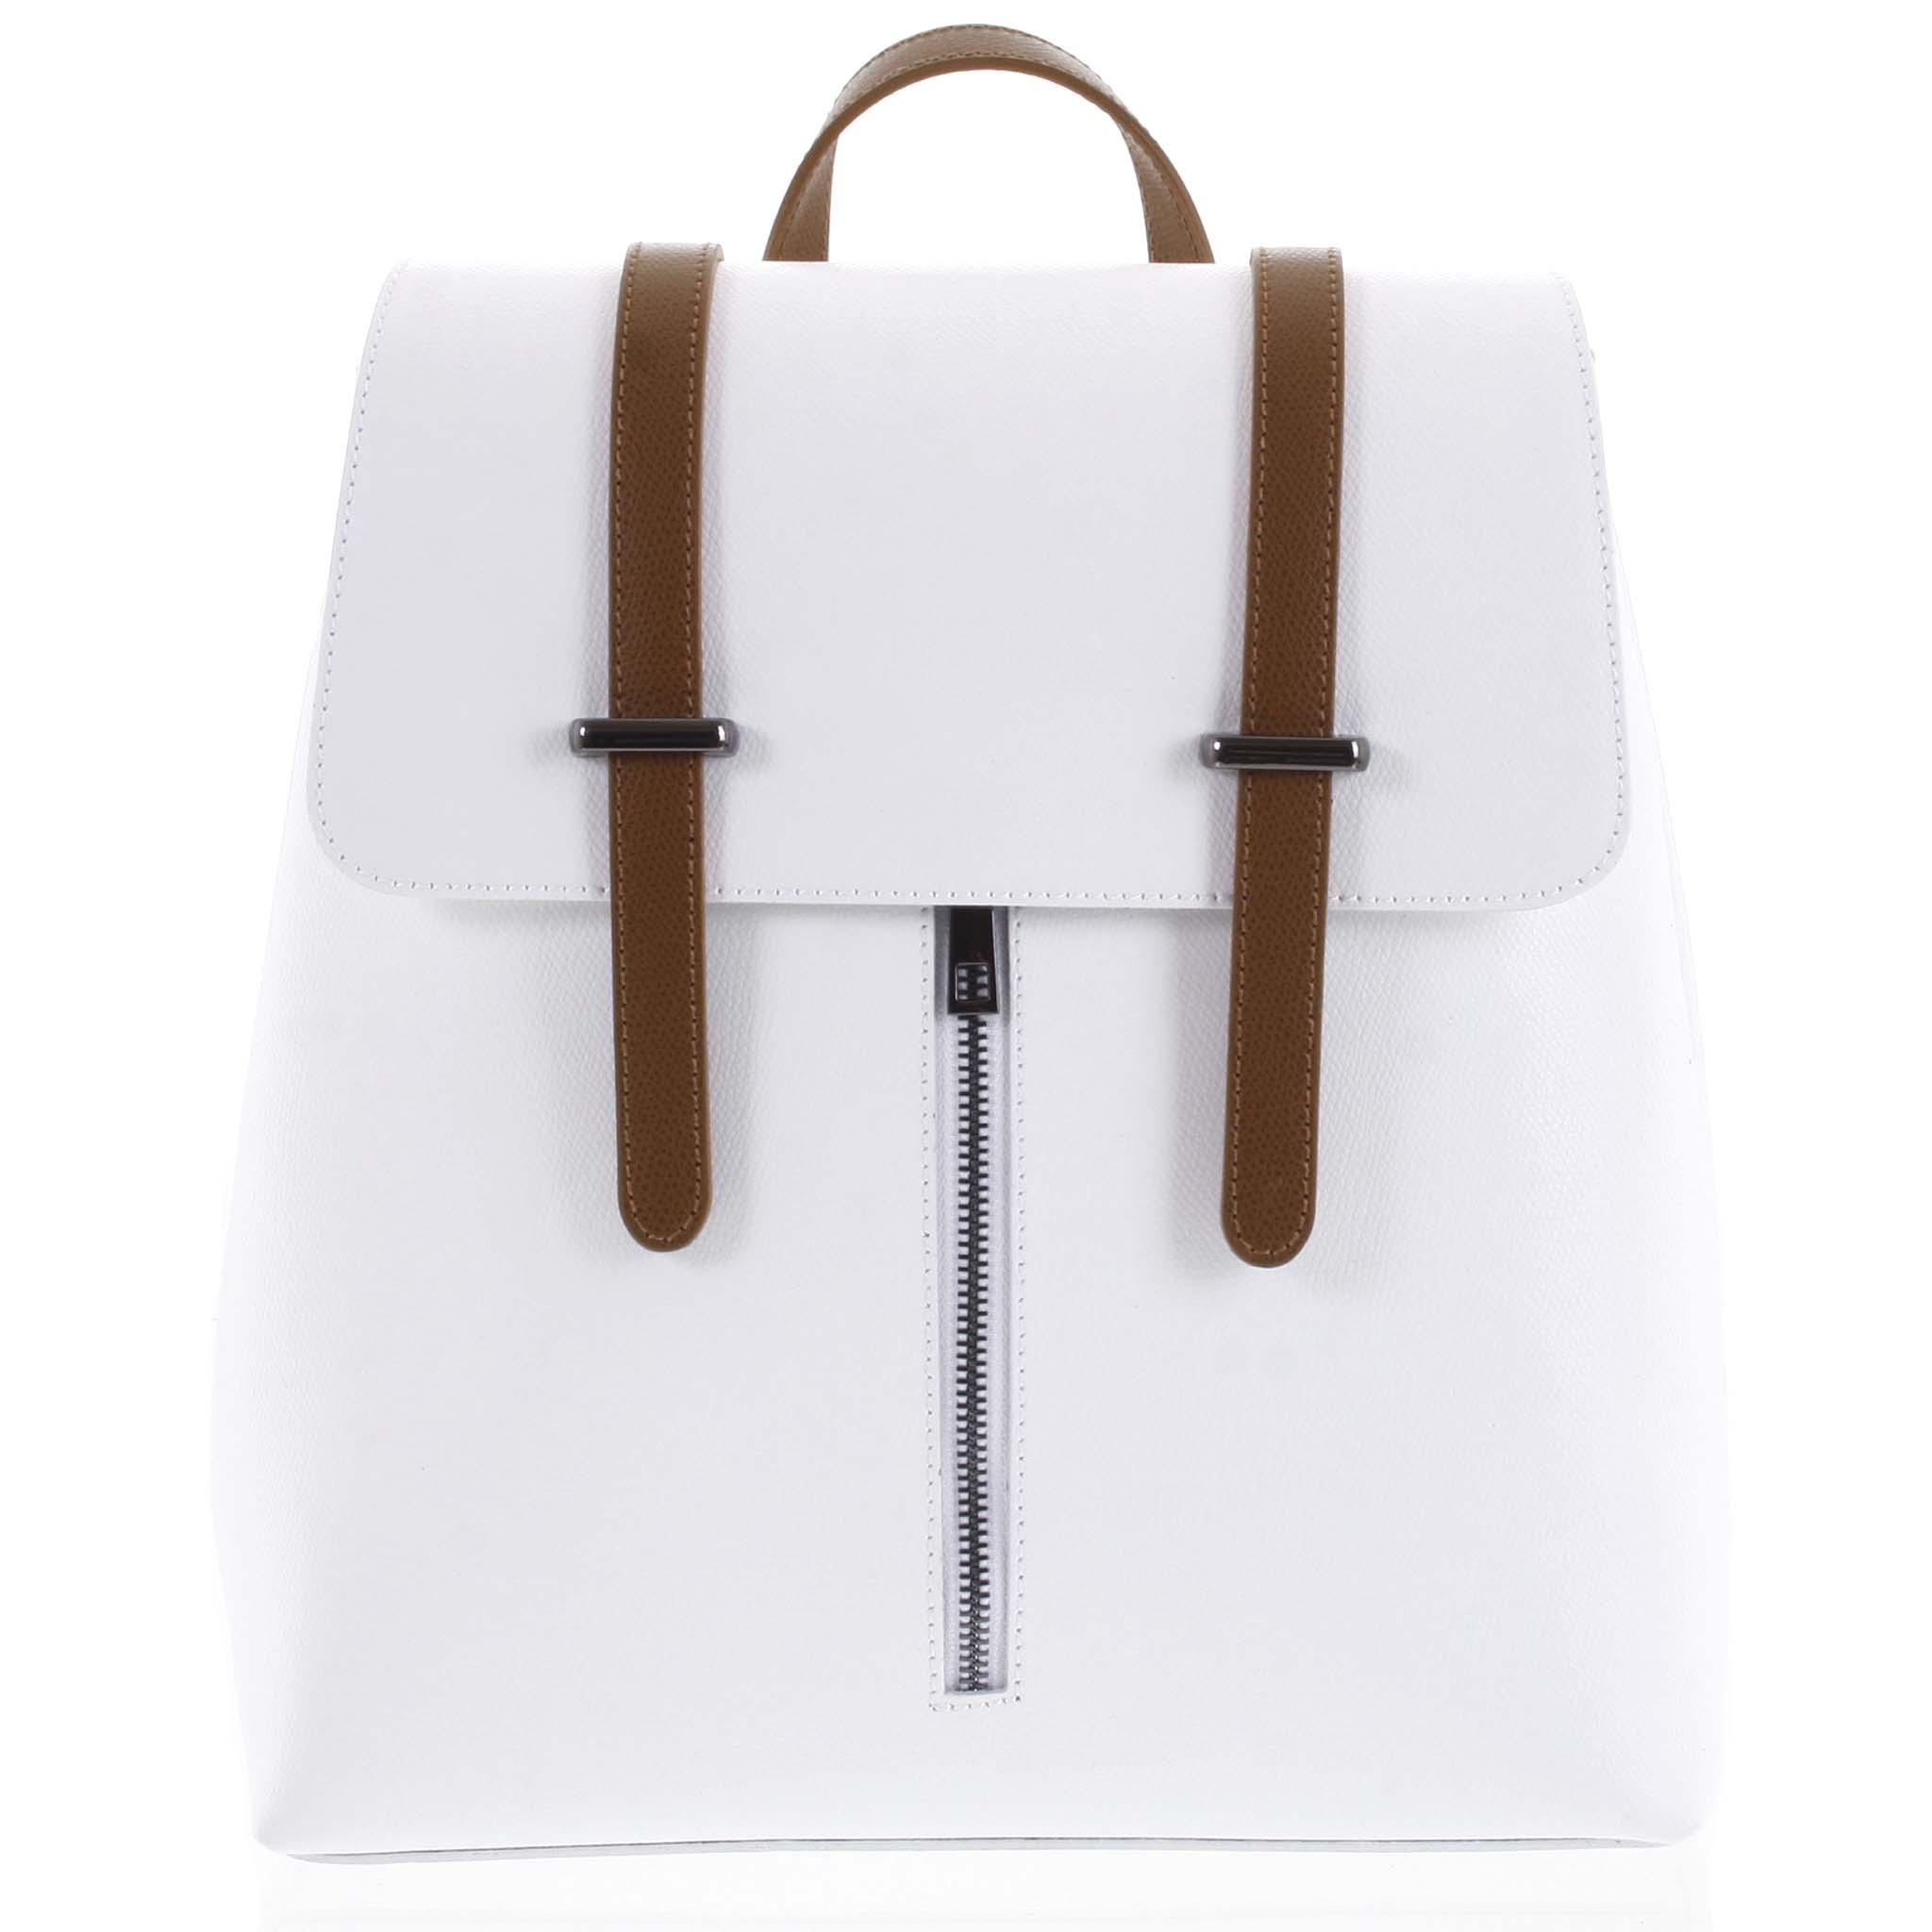 Dámsky kožený batoh bielo hnedý - ItalY Waterfall